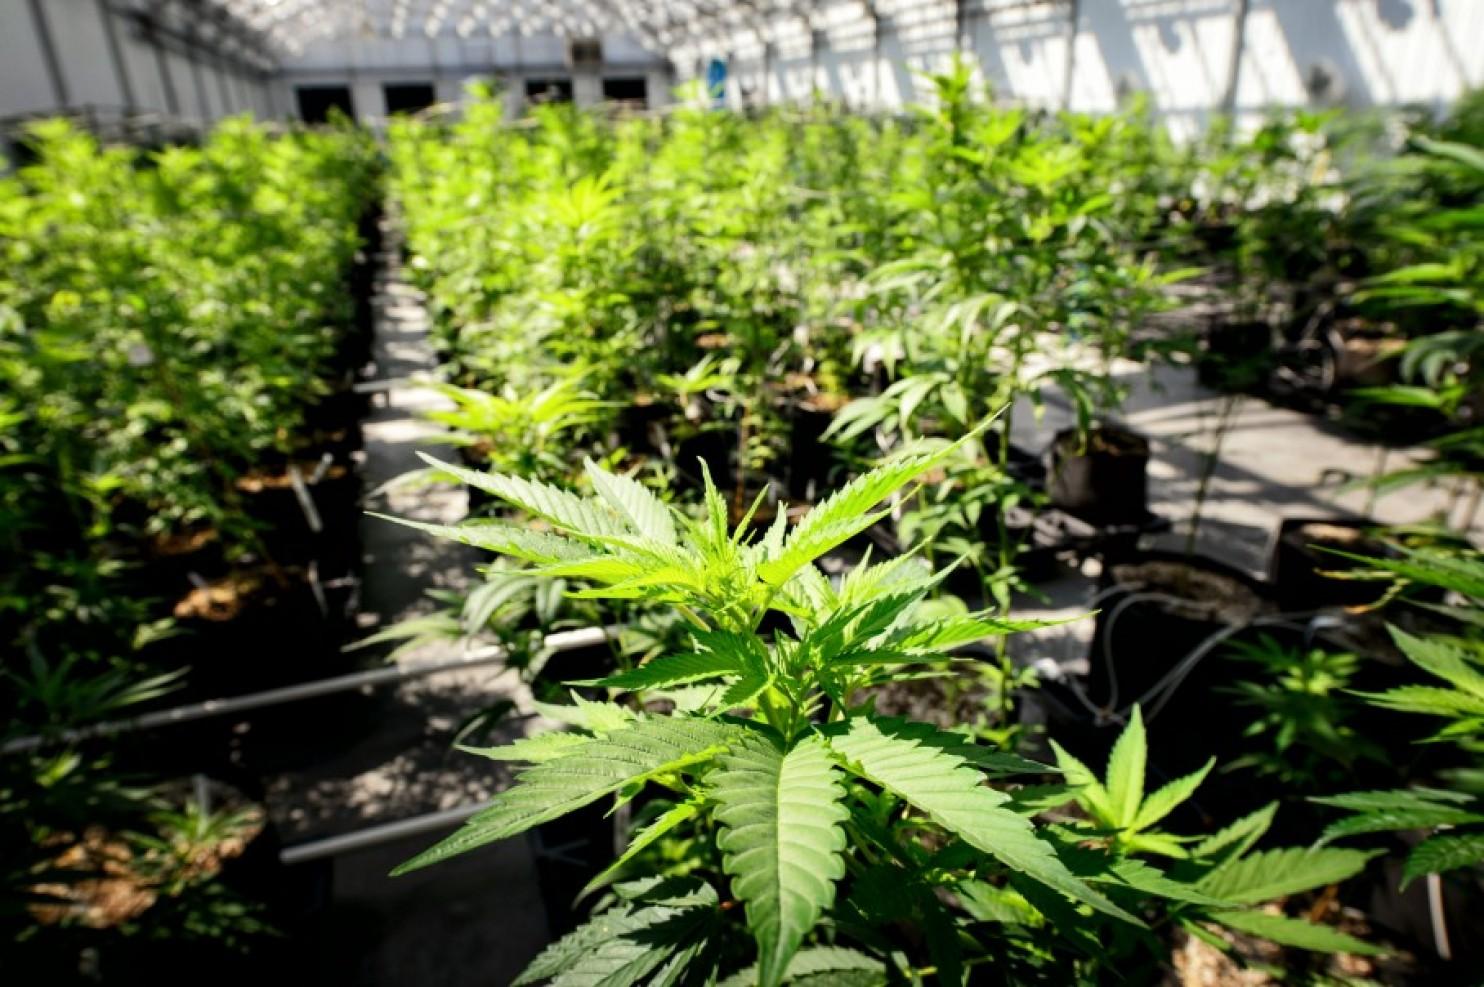 MPF pede liberação de uso e plantio de maconha para fins medicinais